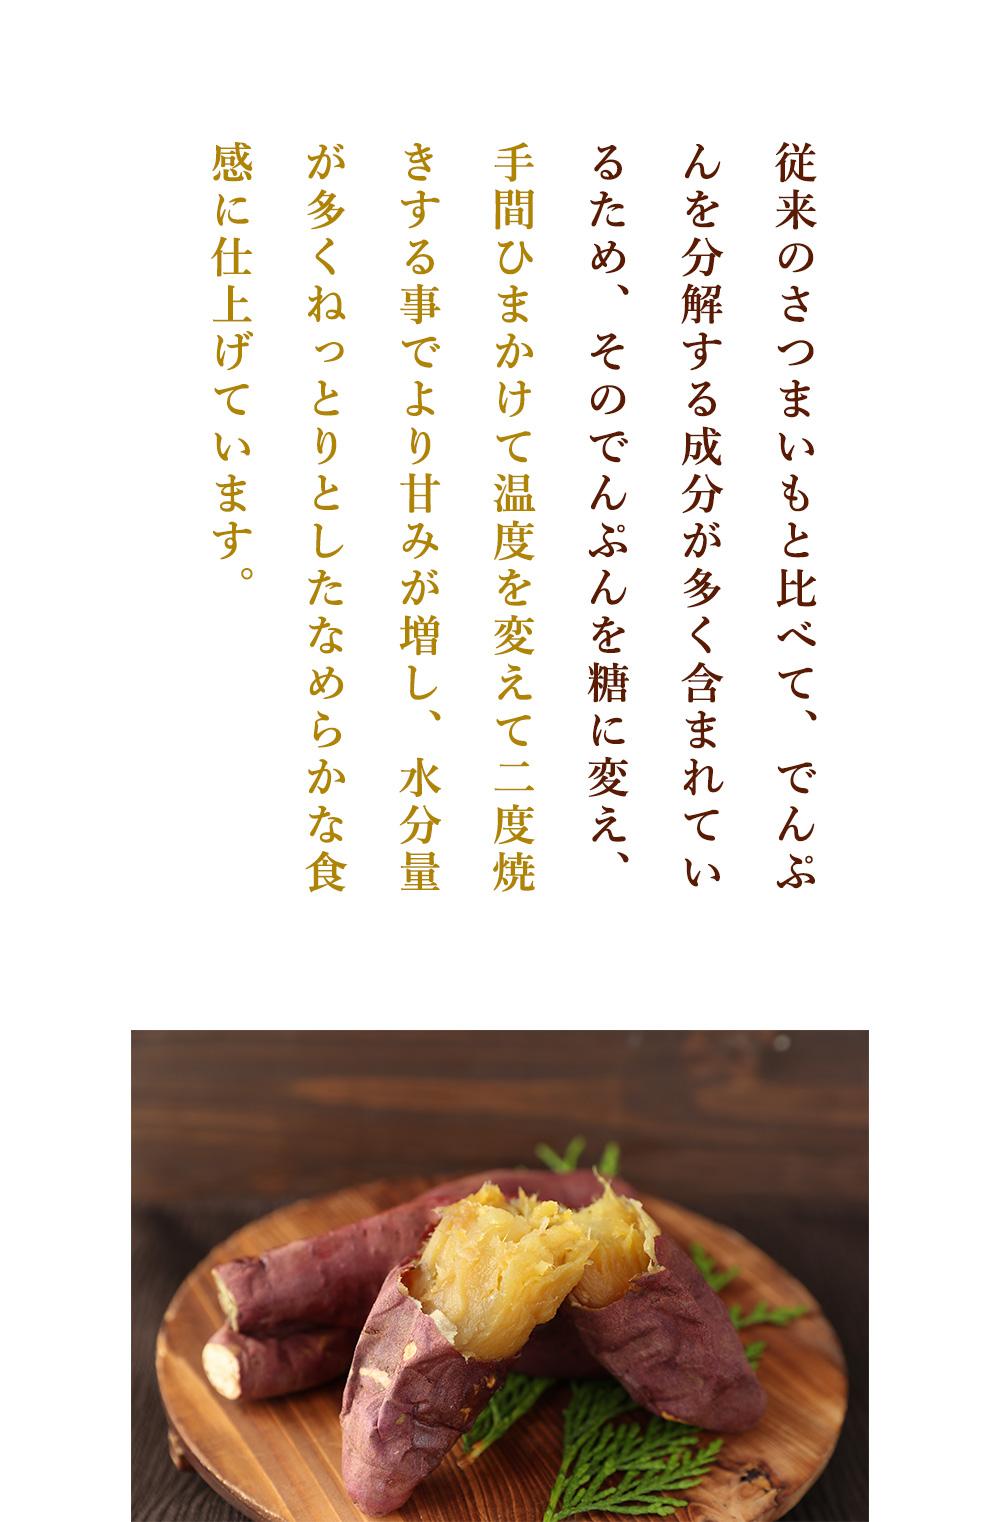 芋 スイーツ 焼いも 無添加 !濃密焼き芋2kg  クール便送料無料! ねっとりした甘い焼きいも(紅はるか)の大容量セット2kg! 和菓子 焼芋 やきいも